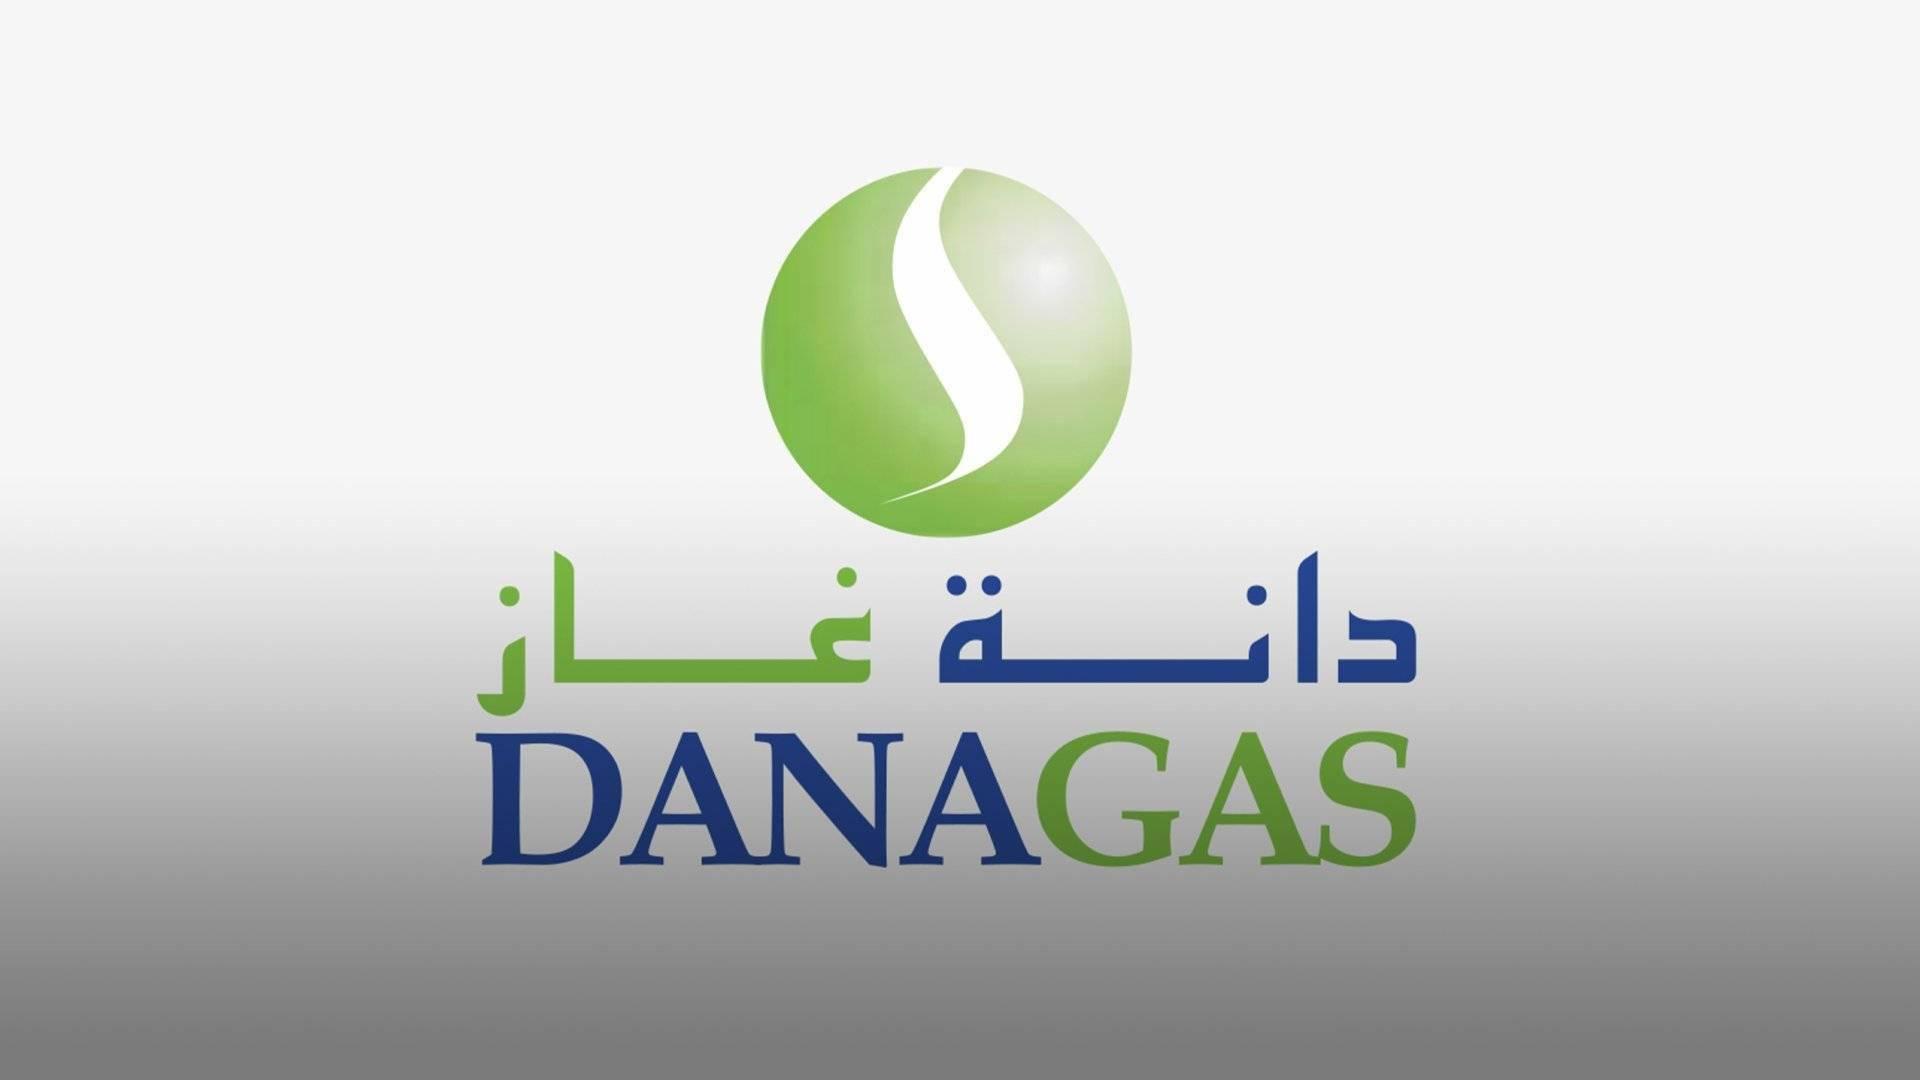 达纳天然气公司2021上半年净利润为1.39亿美元